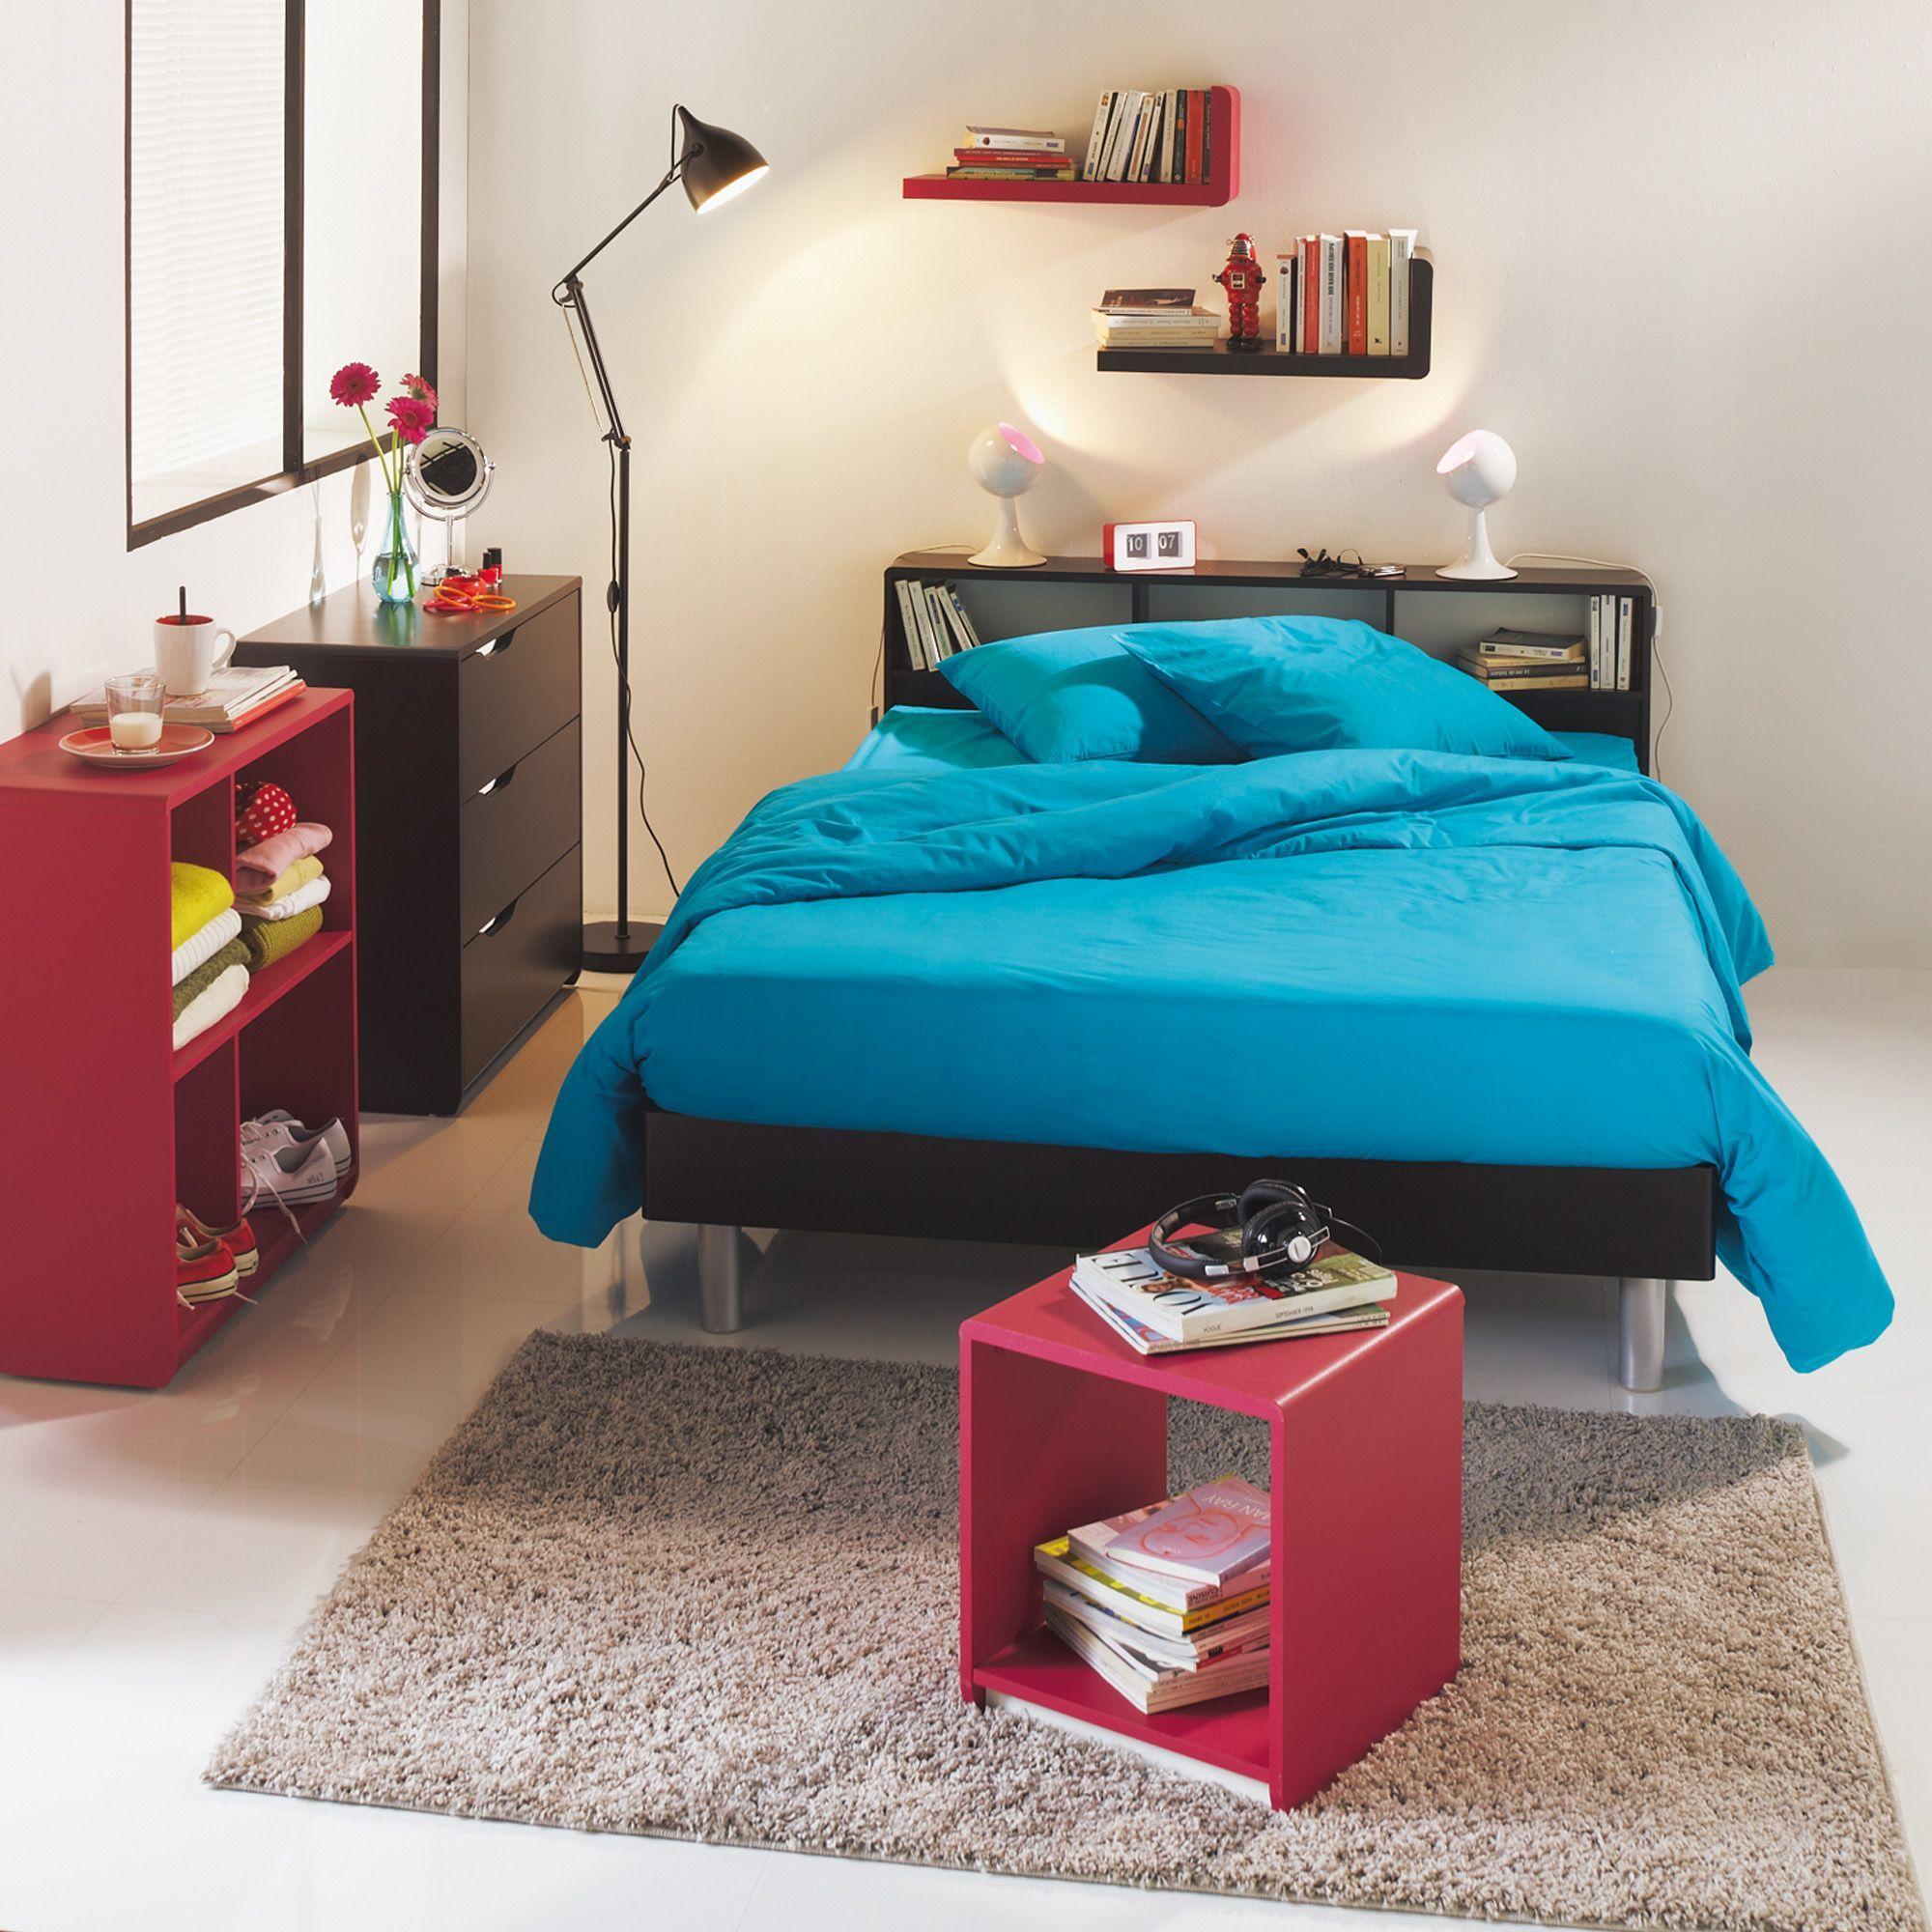 tete de lit ado trendy amnagement et dco chambre ado ides. Black Bedroom Furniture Sets. Home Design Ideas